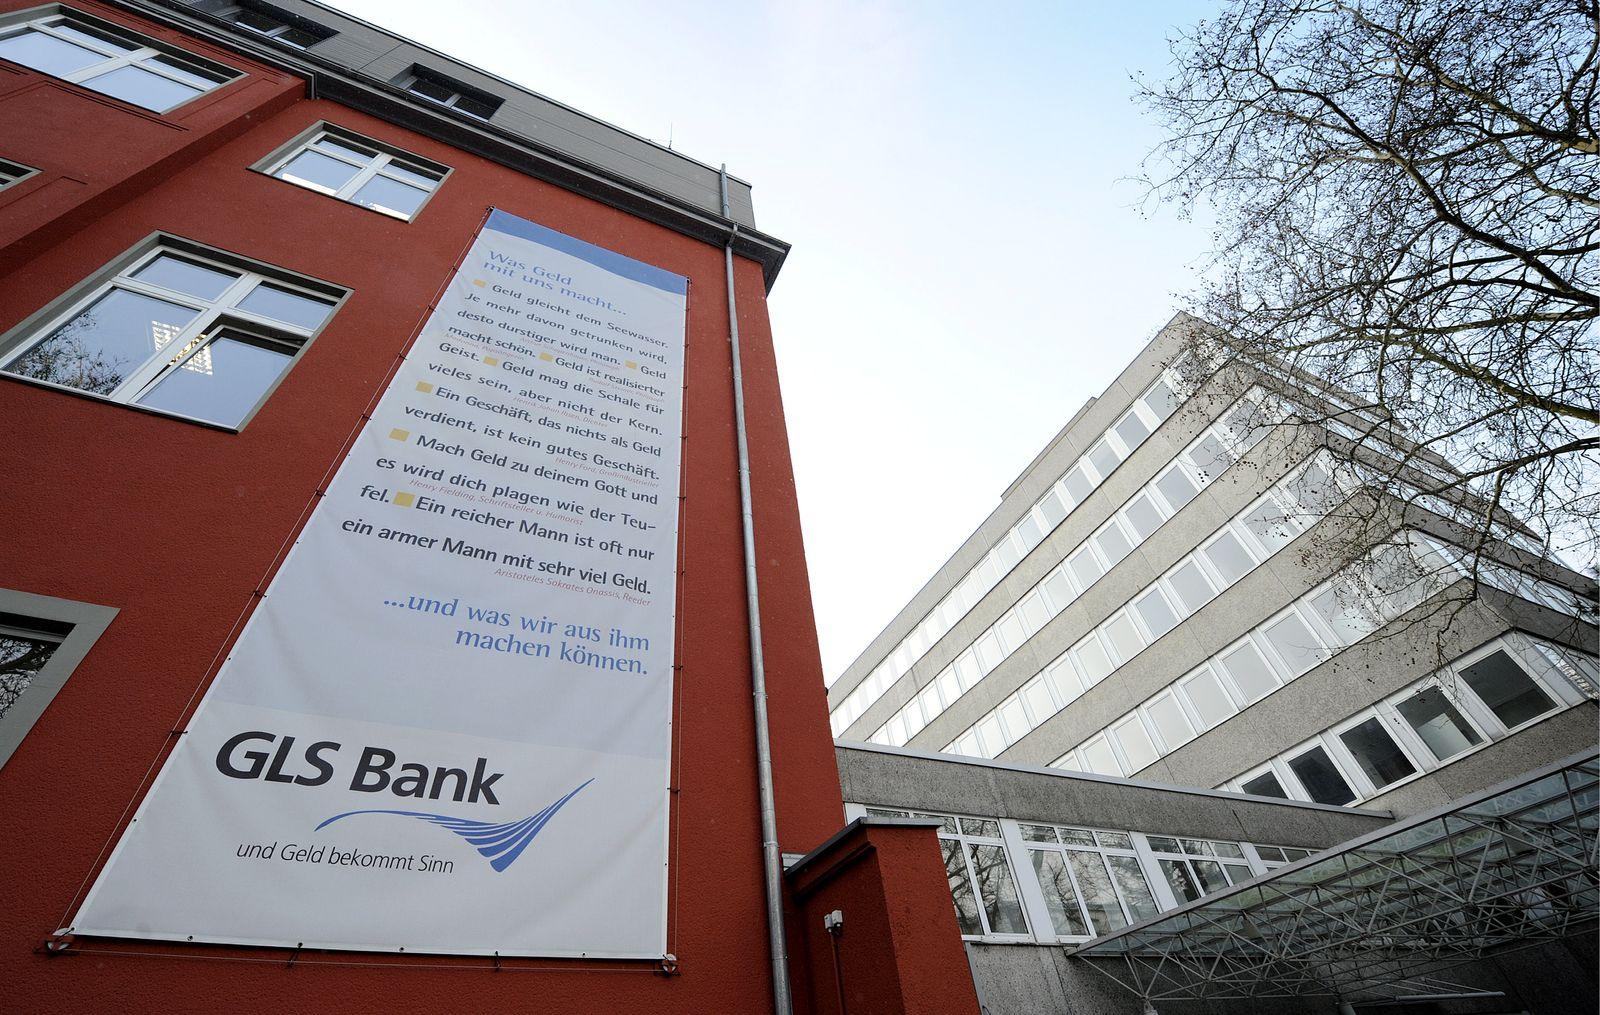 NICHT VERWENDEN GLS Bank